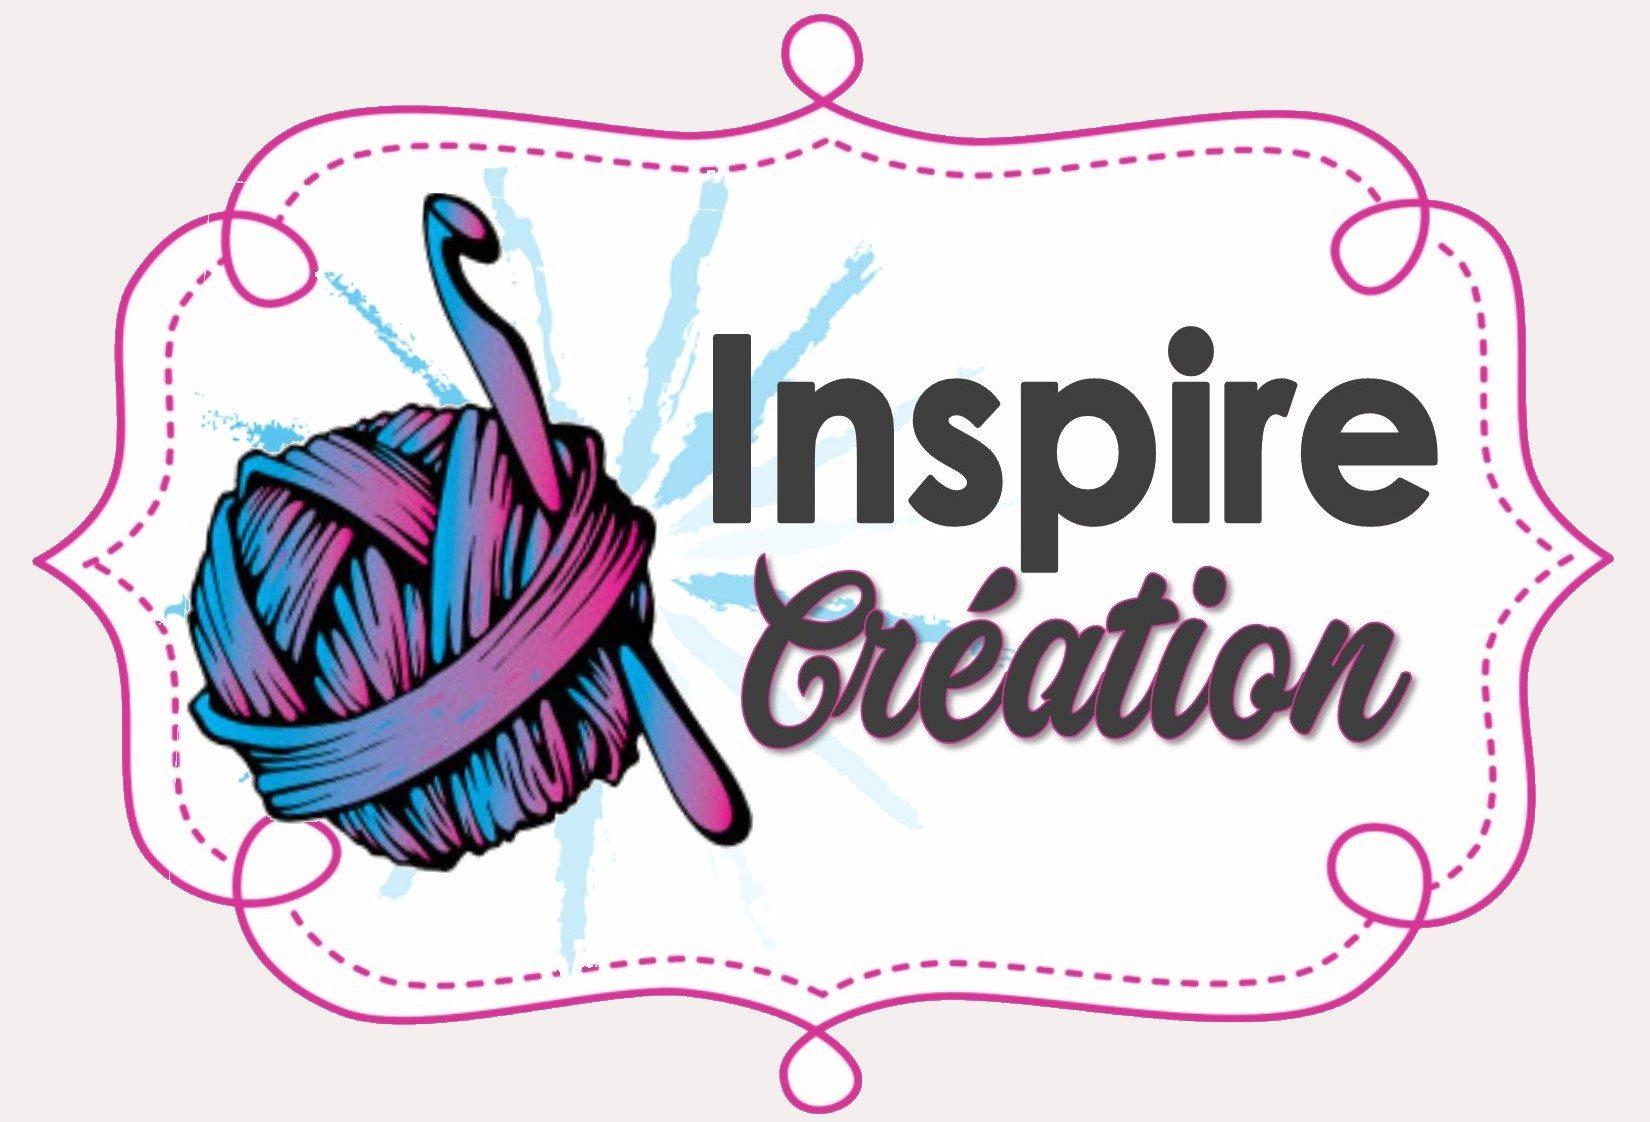 Inspire Création